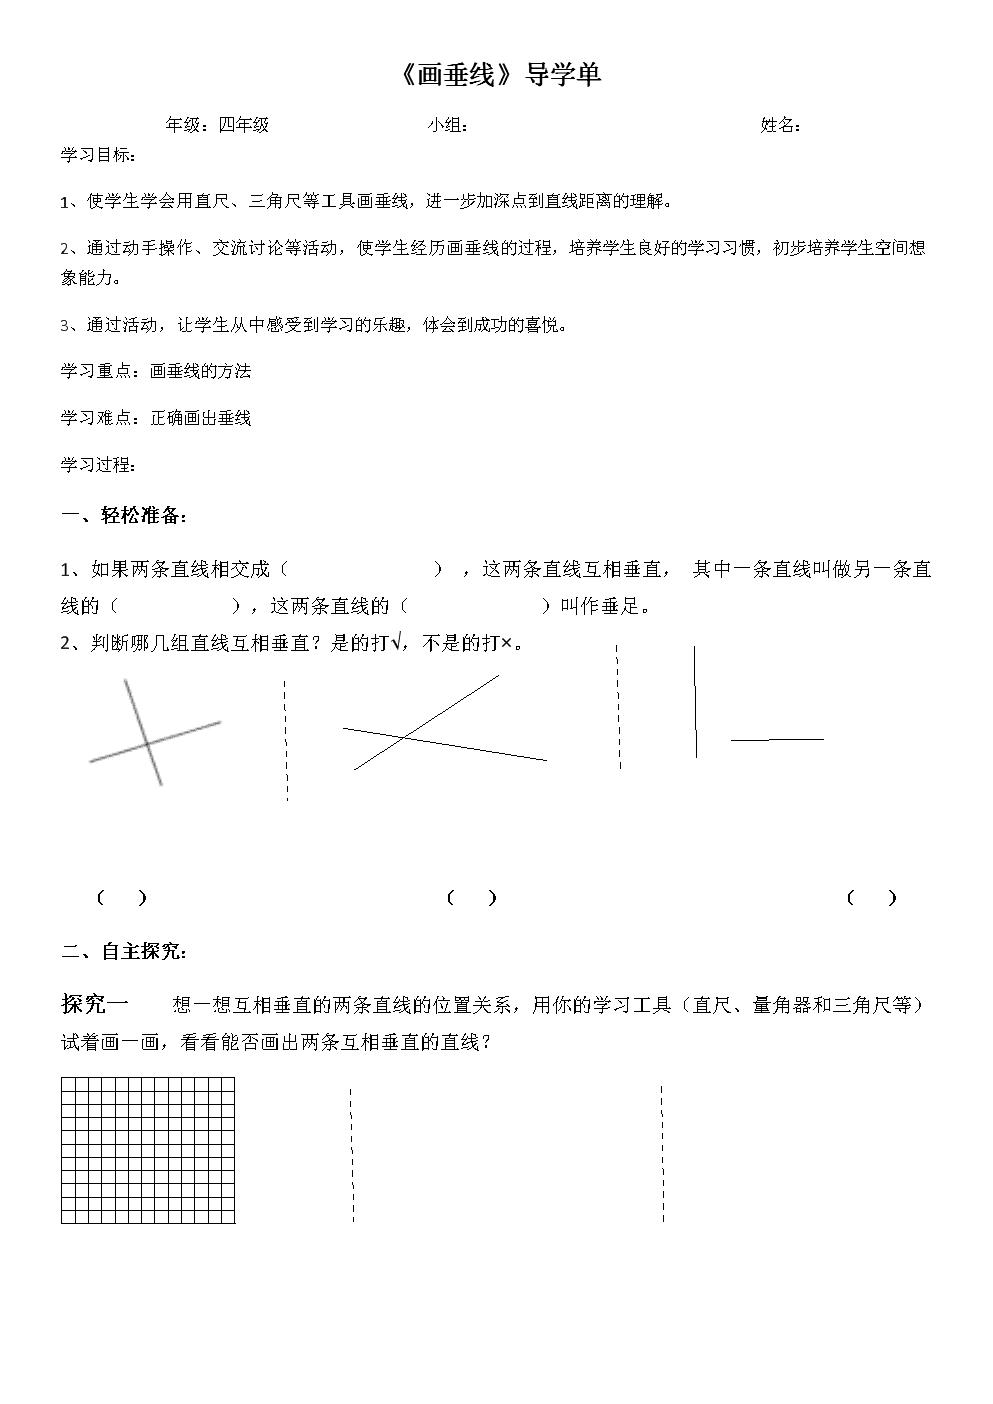 四年级上册数学导学单-8.7 画垂线|苏教版(2014秋).docx